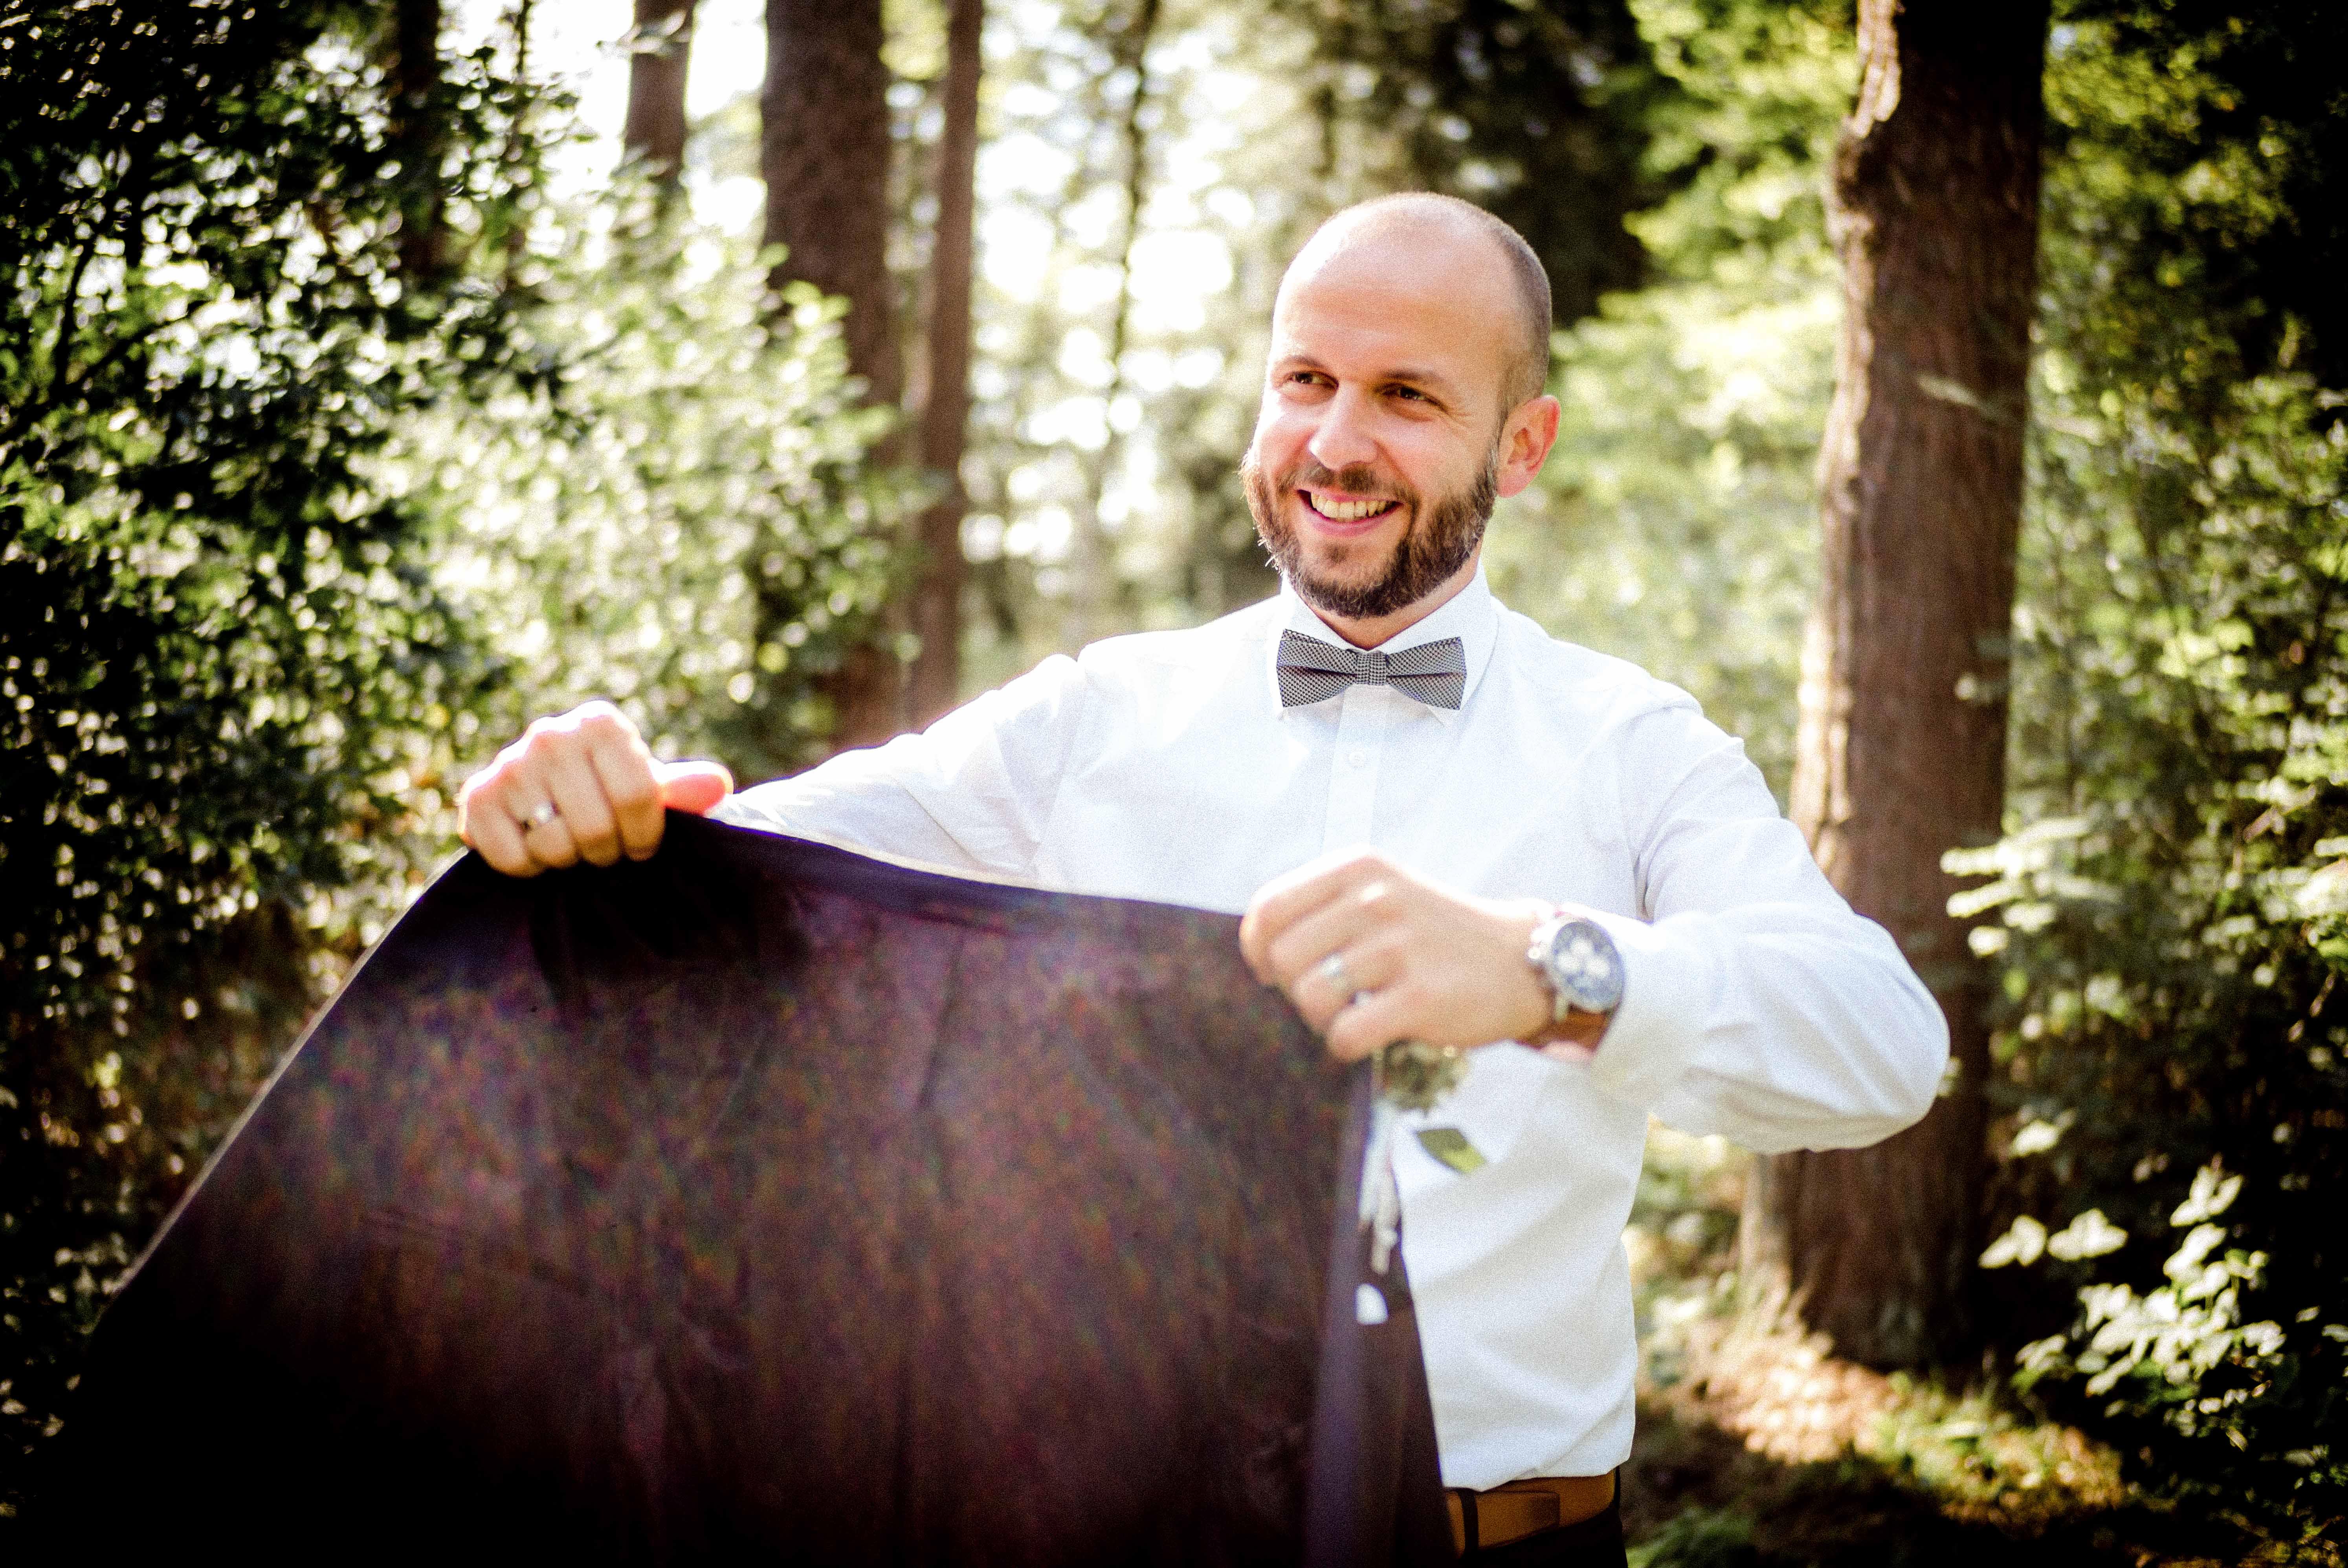 Bräutigam hält Sakko ausgestreckt in den Händen und lächelt dabei